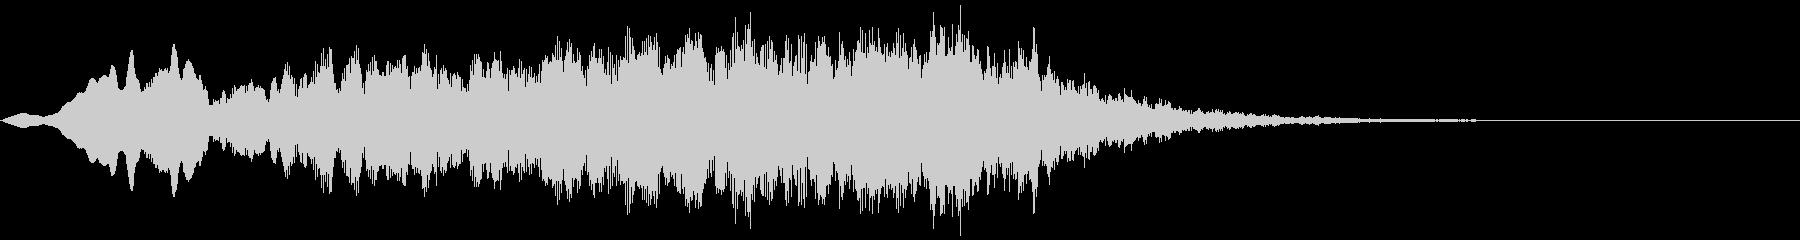 「シュワー キラキラ」ファンタジック効果の未再生の波形